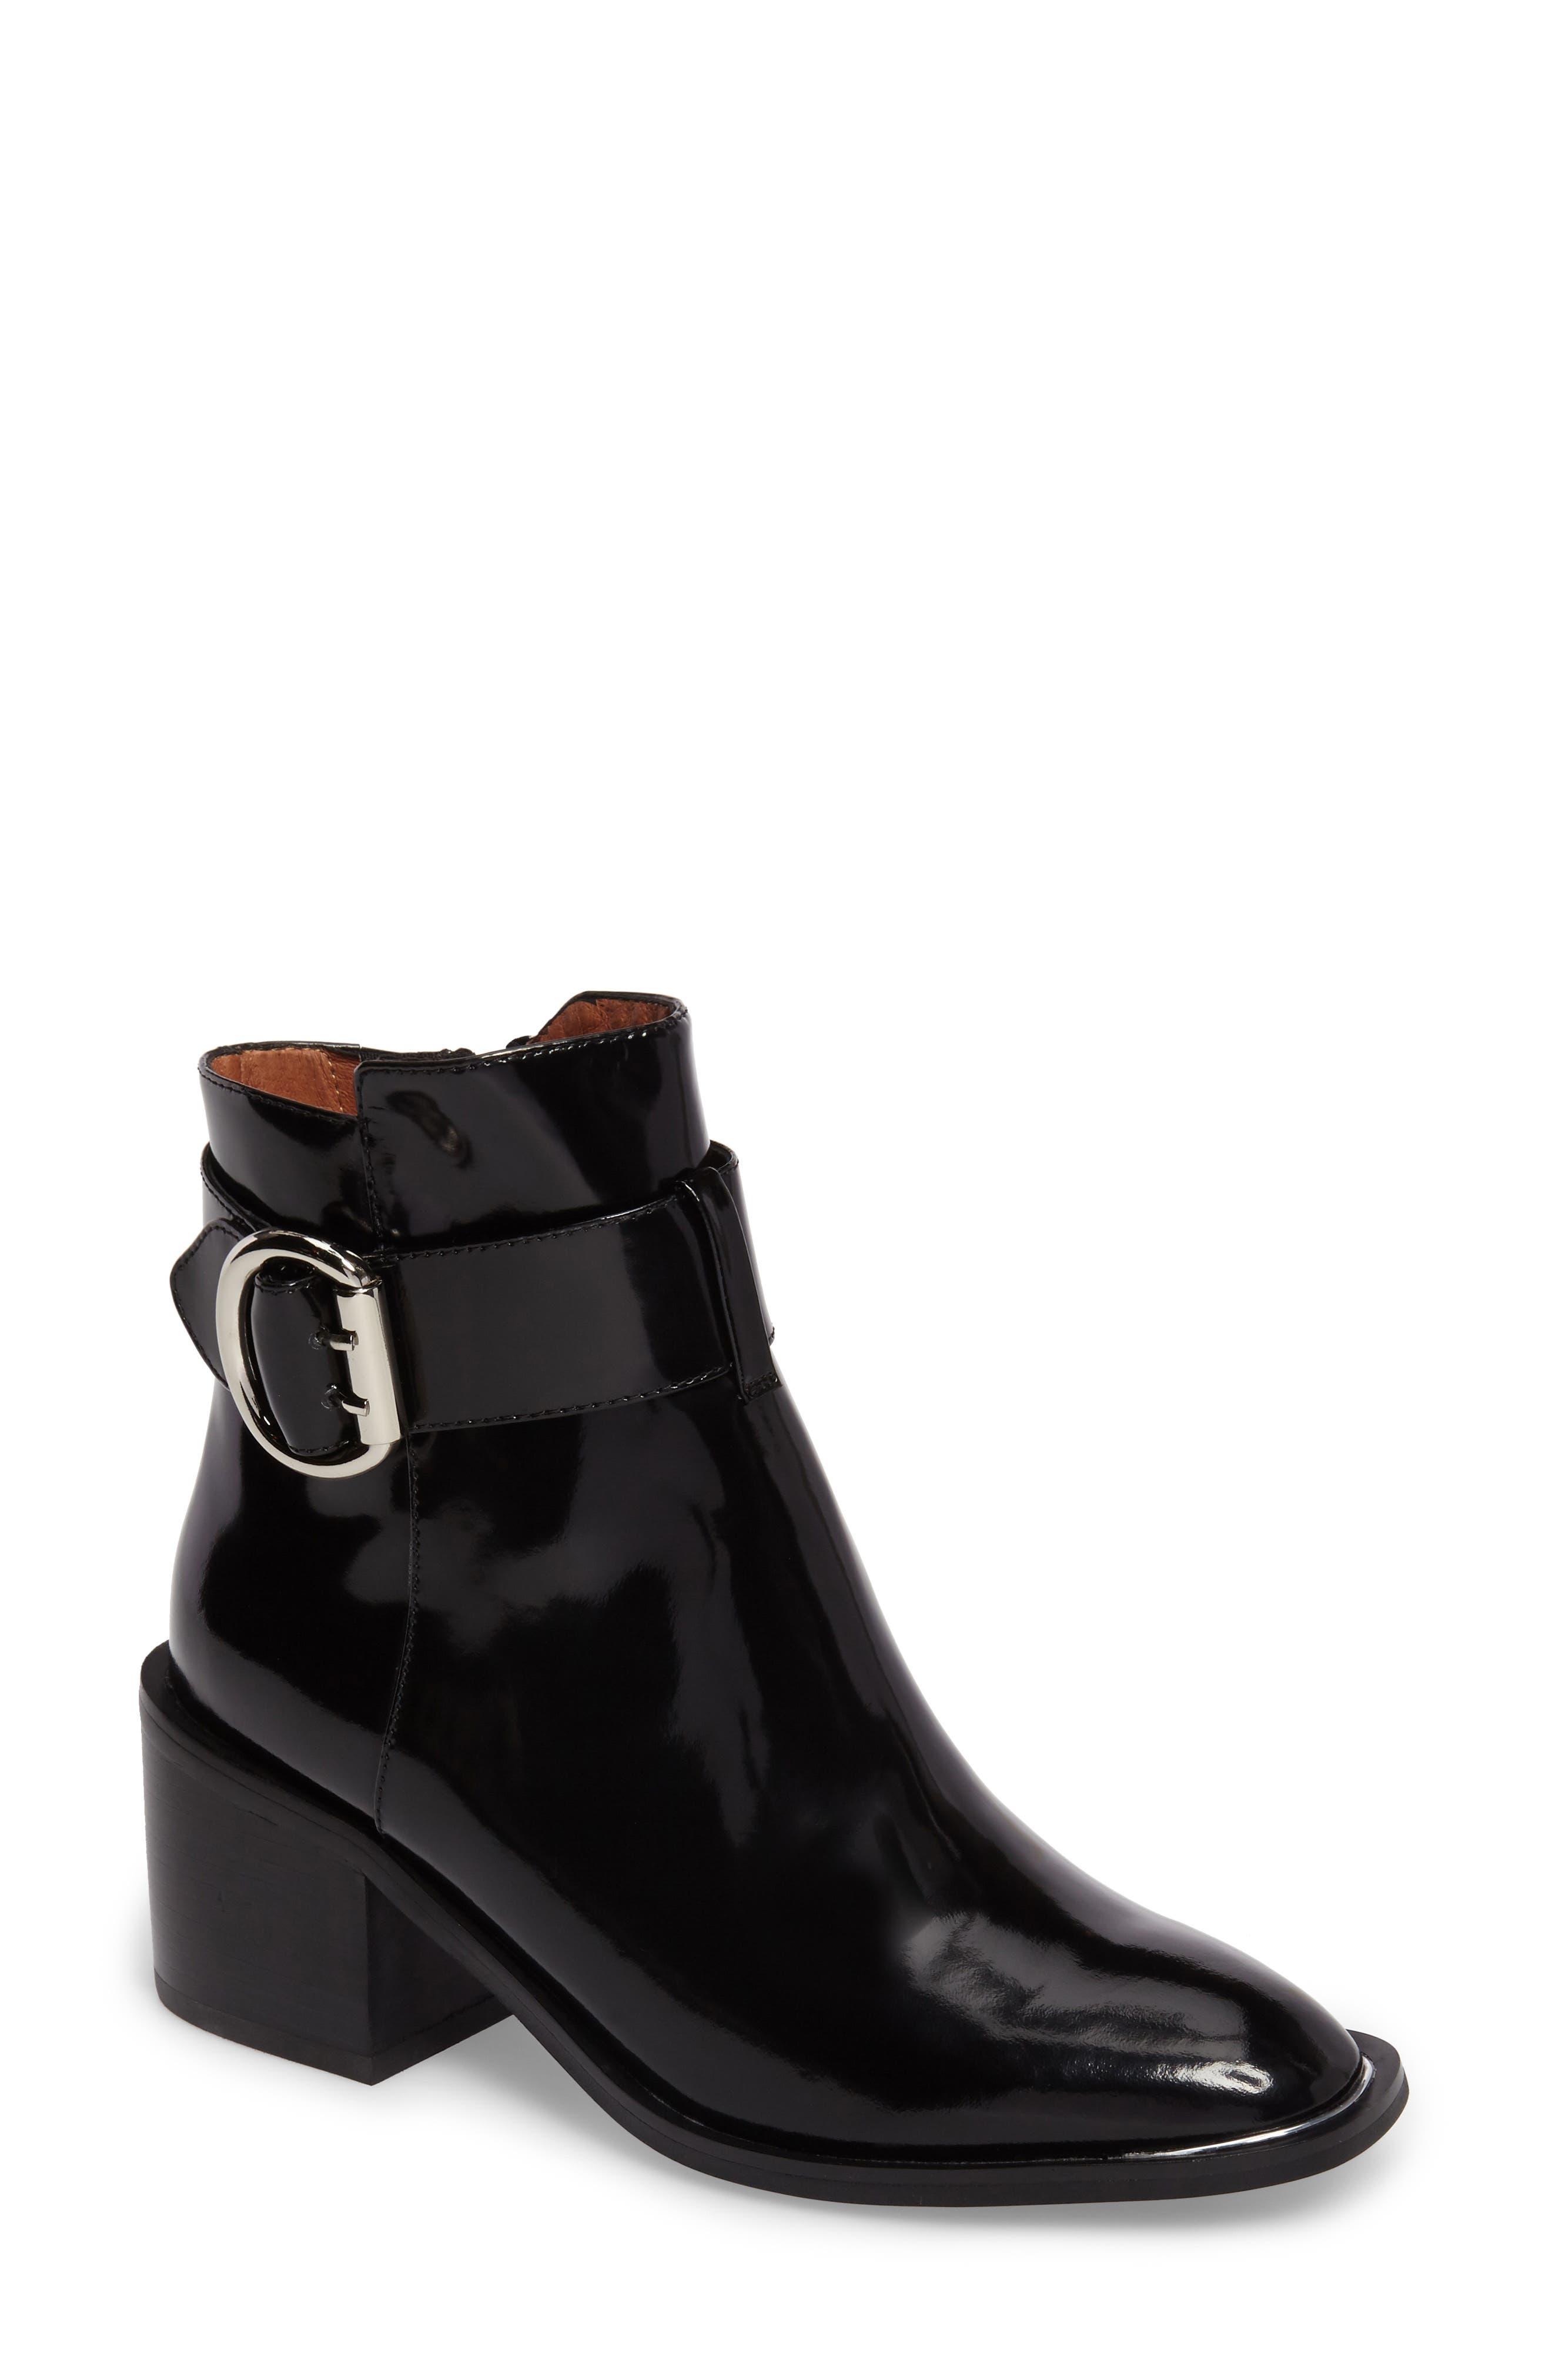 Regan Buckle Strap Bootie,                             Main thumbnail 1, color,                             Black Leather